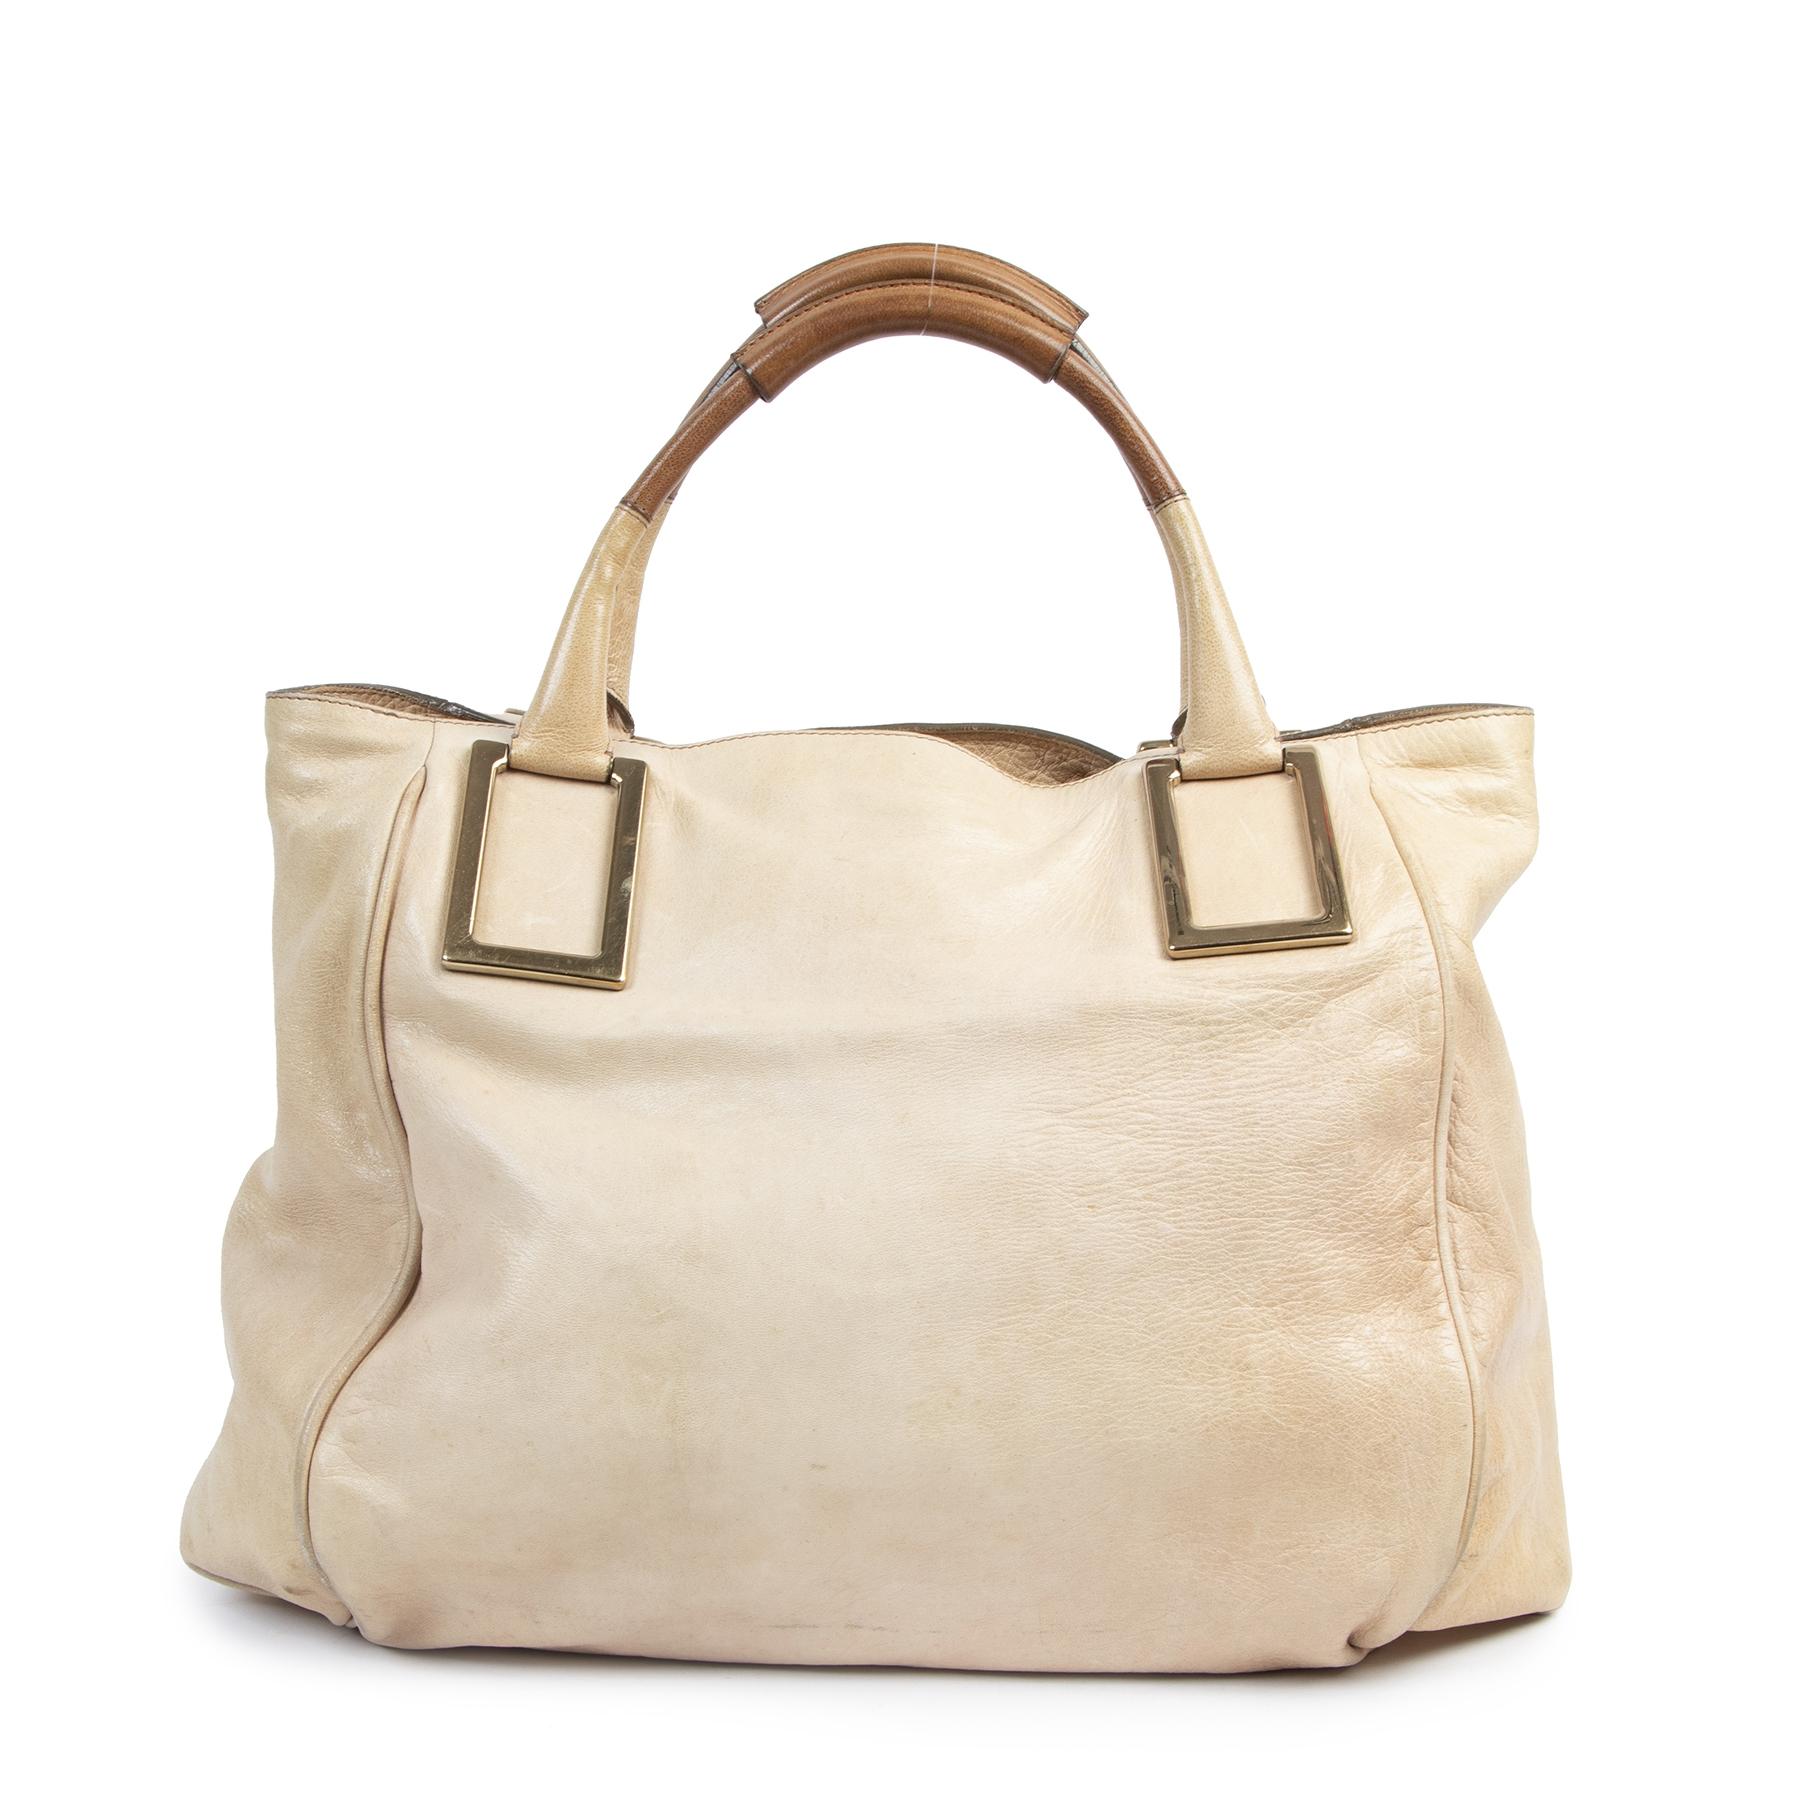 Authentieke Tweedehands Chloé Large Beige Shopping Bag juiste prijs veilig online shoppen luxe merken webshop winkelen Antwerpen België mode fashion